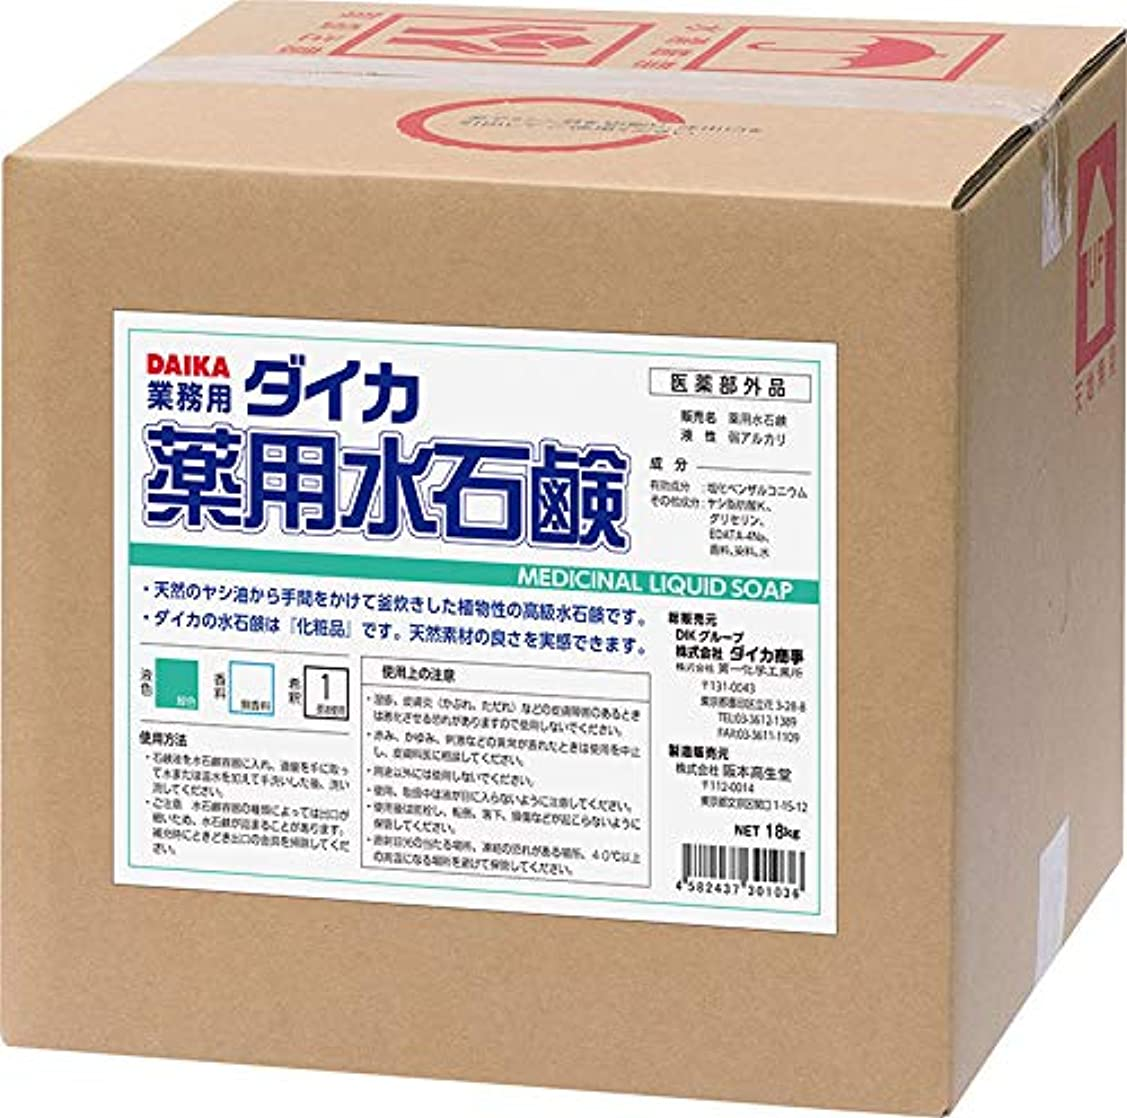 インスタンススプリット楕円形【医薬部外品】業務用 ハンドソープ ダイカ 薬用 水石鹸 MGN 18kg